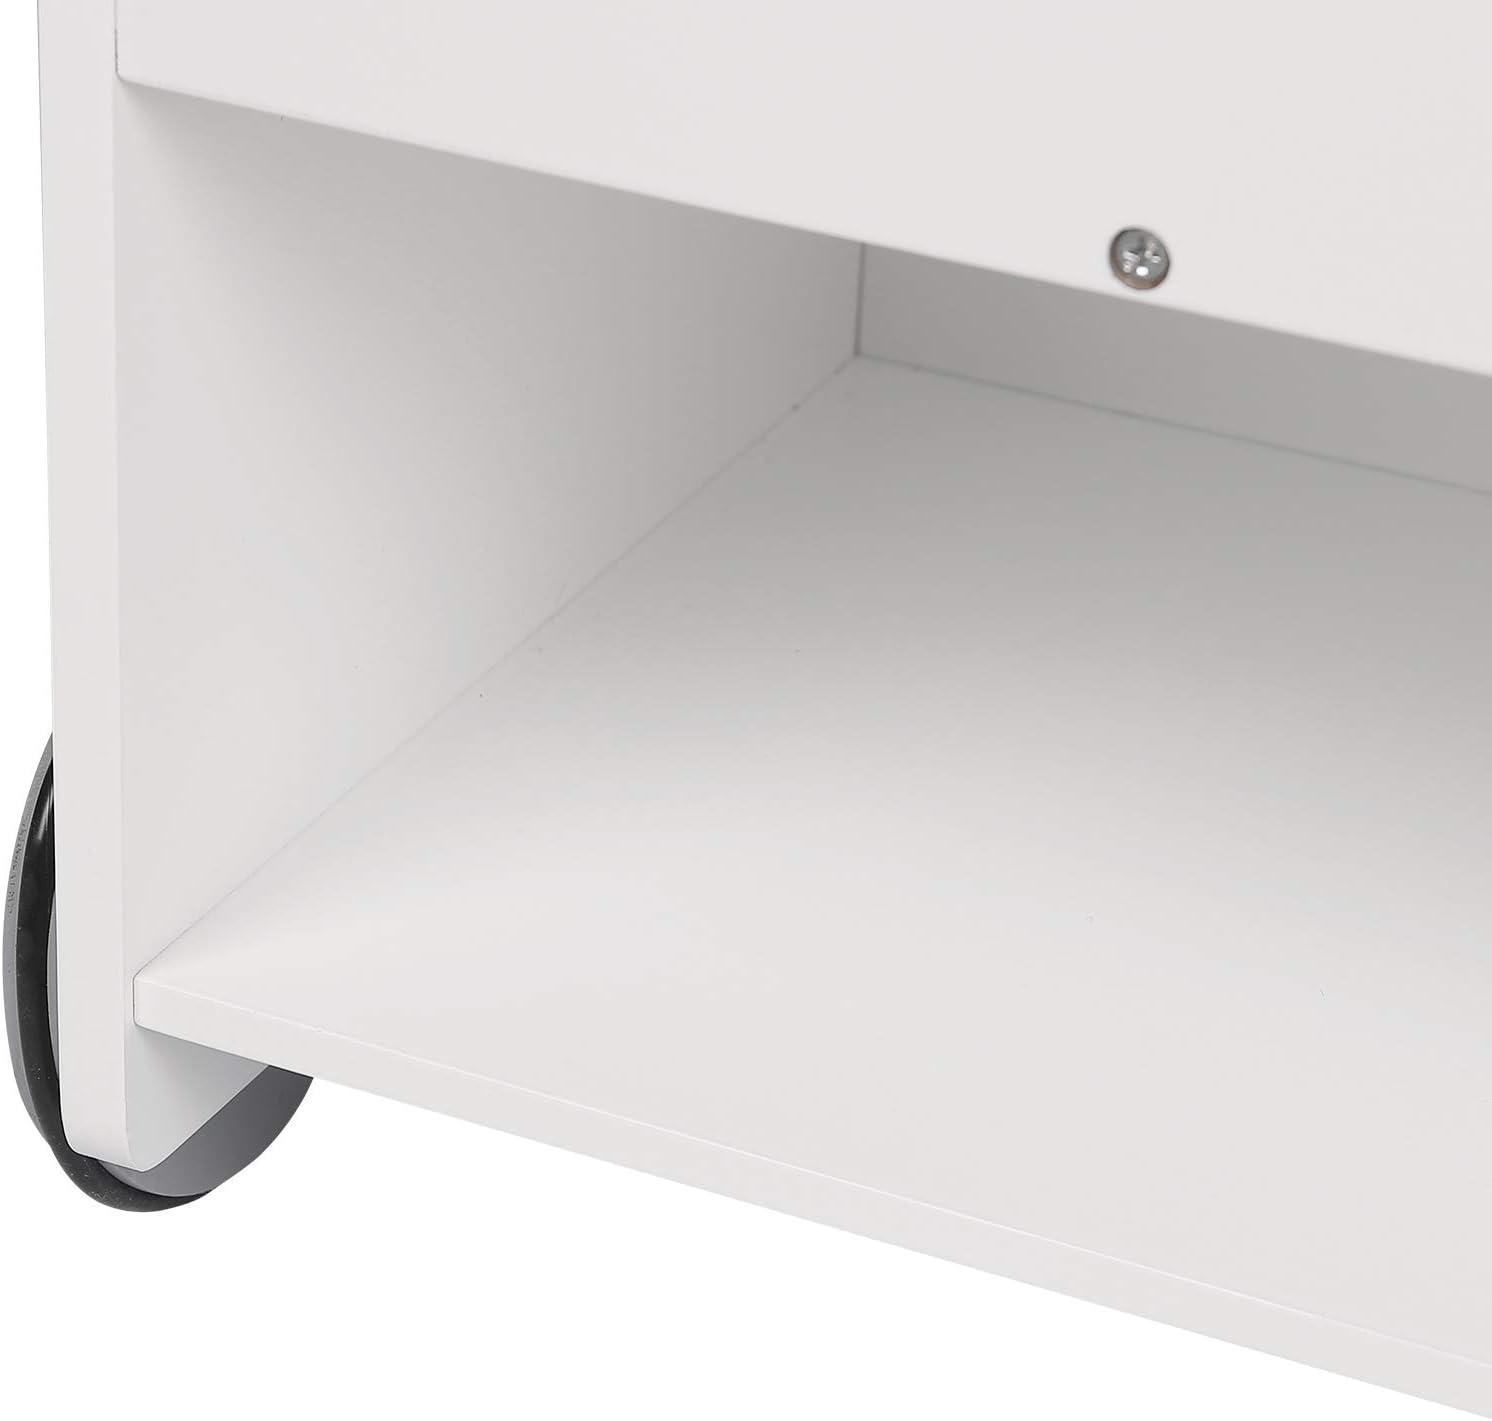 Bianco 62x42x57cm KR002 Scaffale Porta Giochi con Contenitore e Ruote WOLTU Libreria Piccola in Legno per Bambini Organizzatore per Cameretta